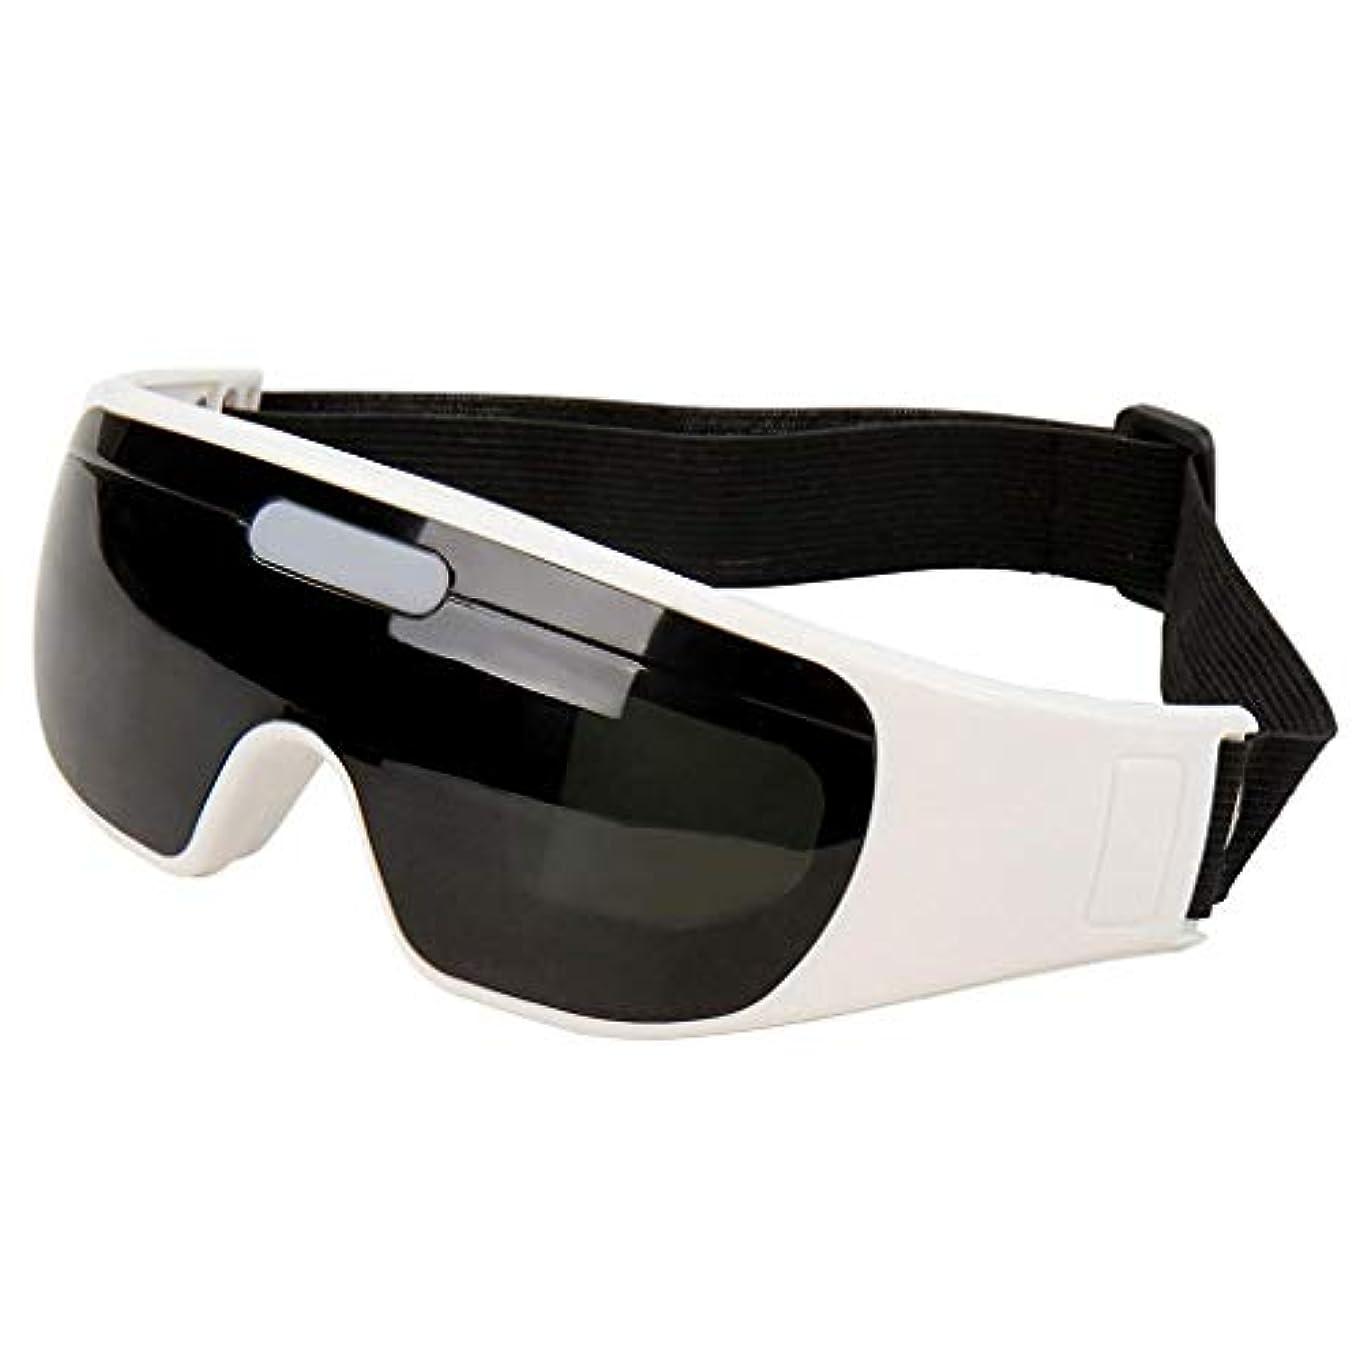 しなければならないアイザック正確なアイマッサージメガネ、24ソフトマッサージセンサーメガネ、磁気療法アイマッサージャー、9モード電動アイマッサージャー健康、リラクゼーション、鍼